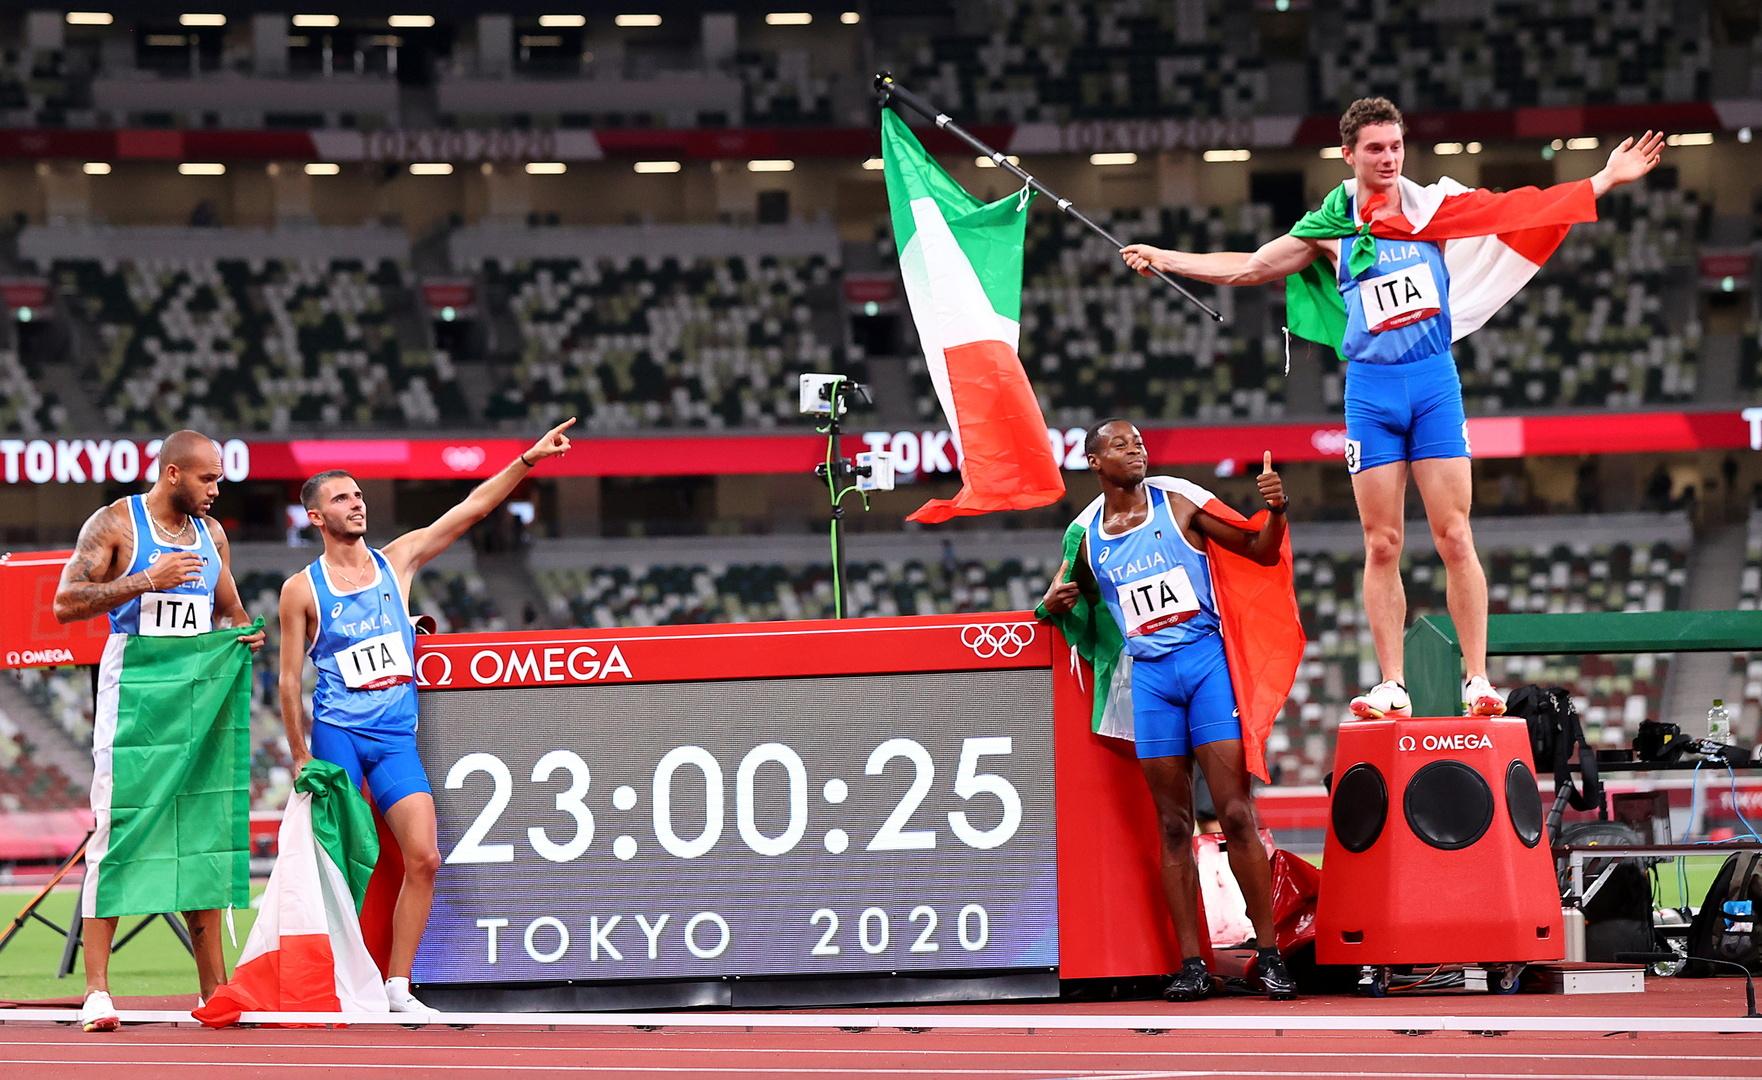 شاهد.. إيطاليا تسطر التاريخ في أولمبياد 2021 بأحرف من ذهب